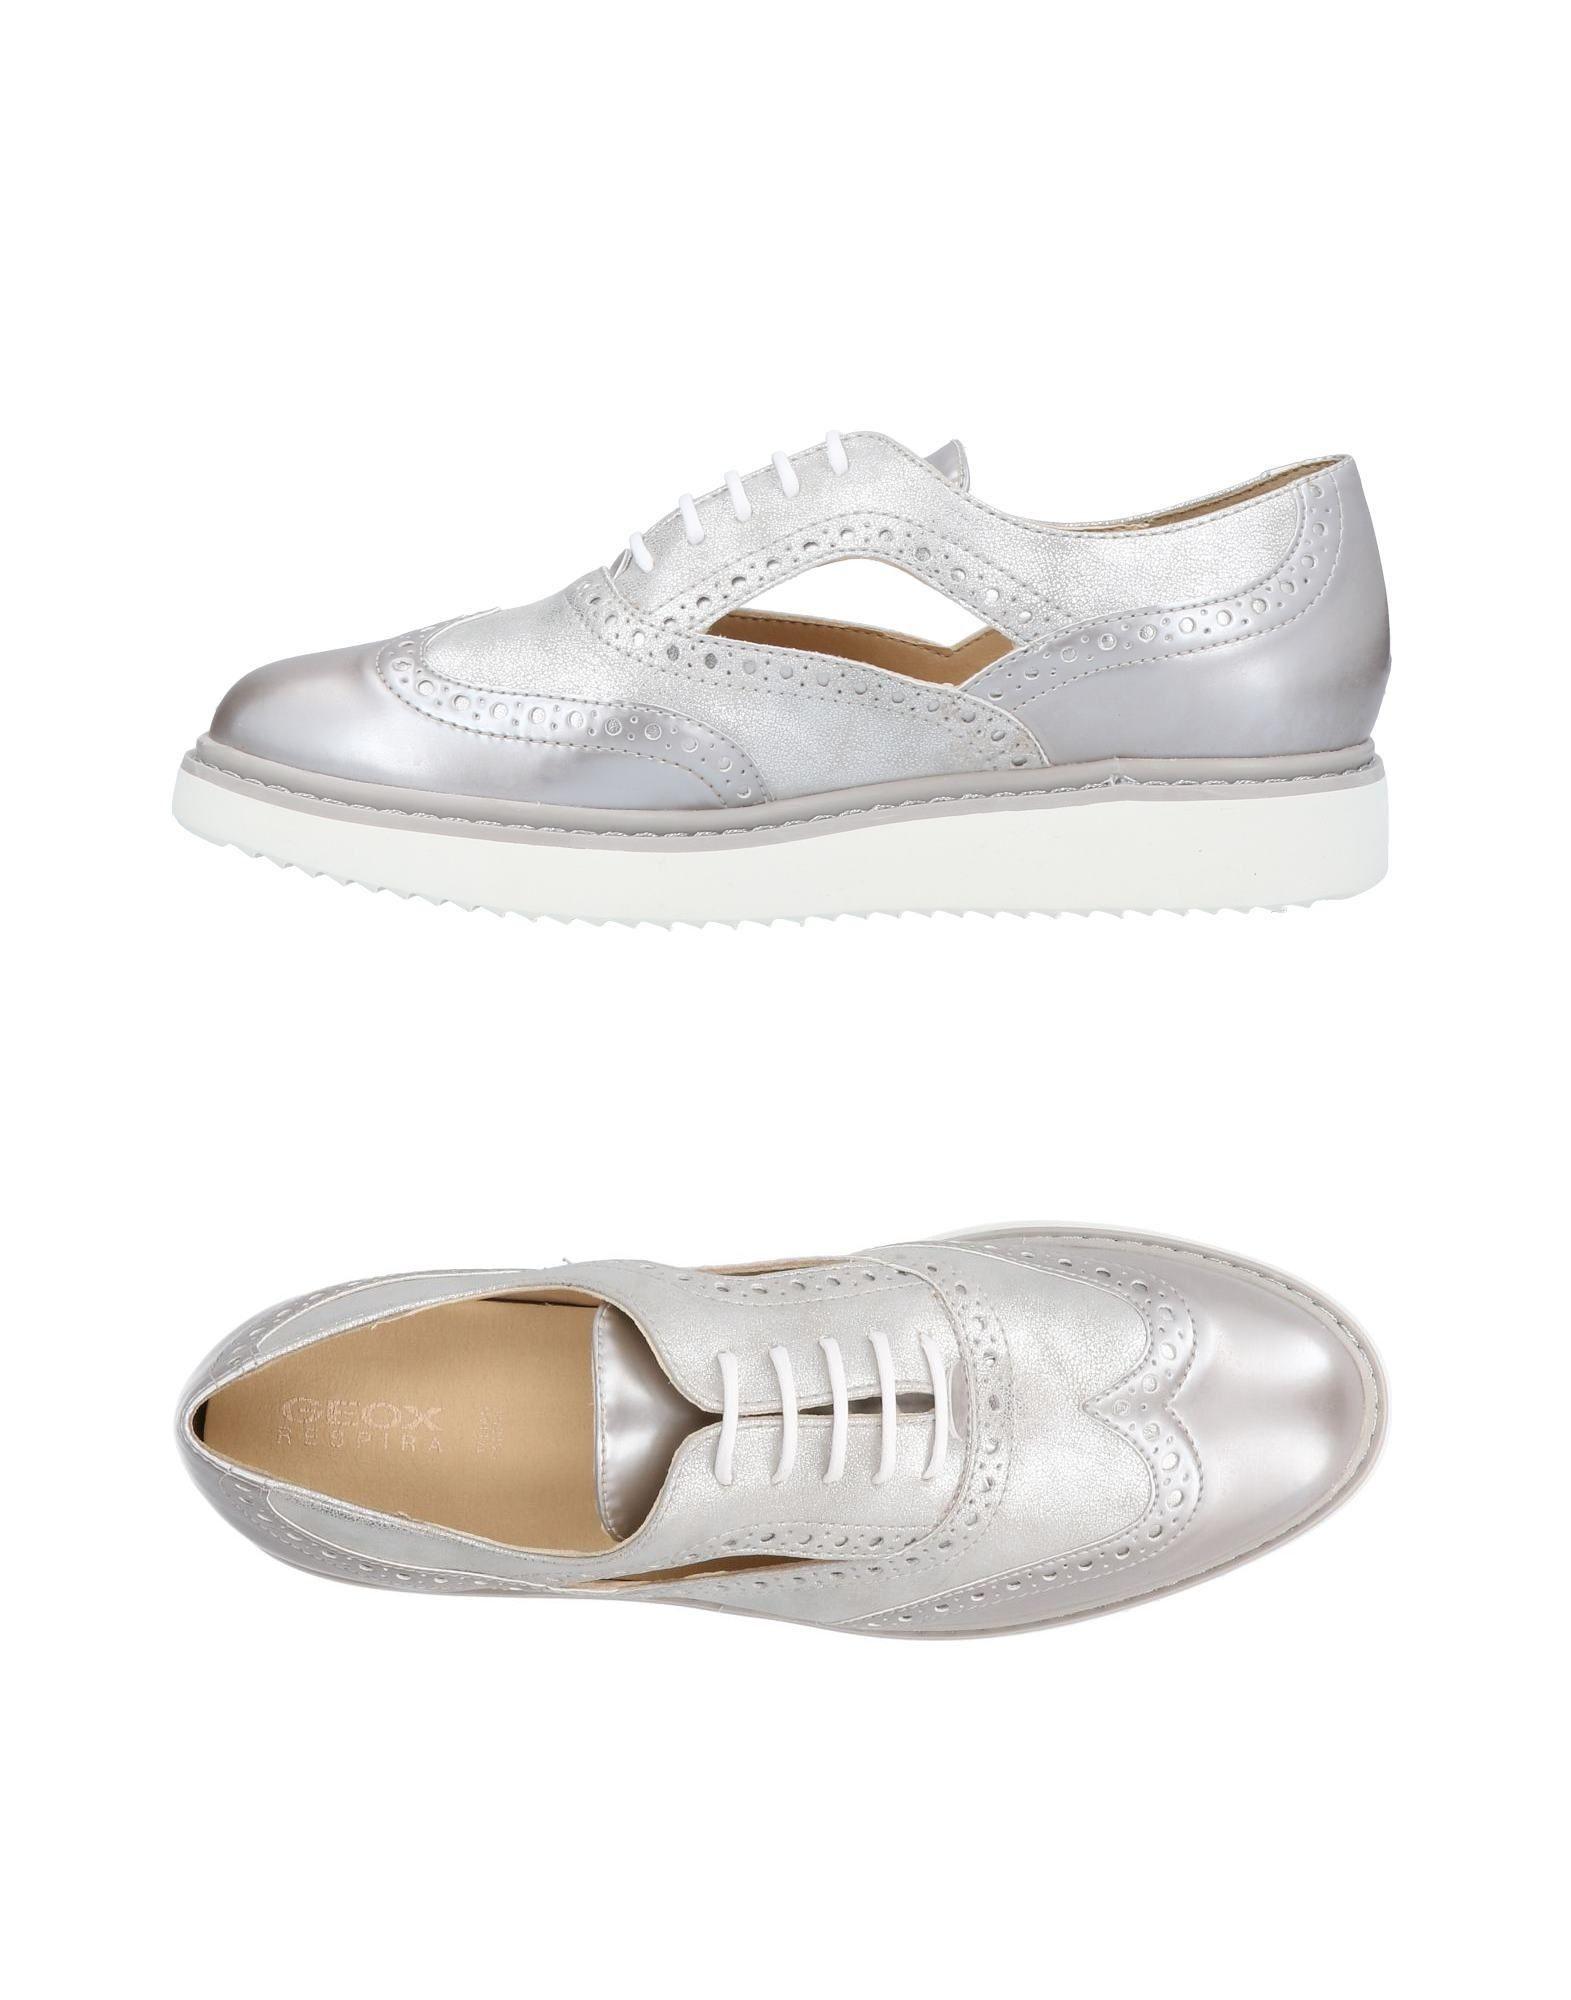 Bien Zapato Y Y Y Cómodo Zapatos Geox De Mujer Parecido Cordones zp5wqZv 174ba6